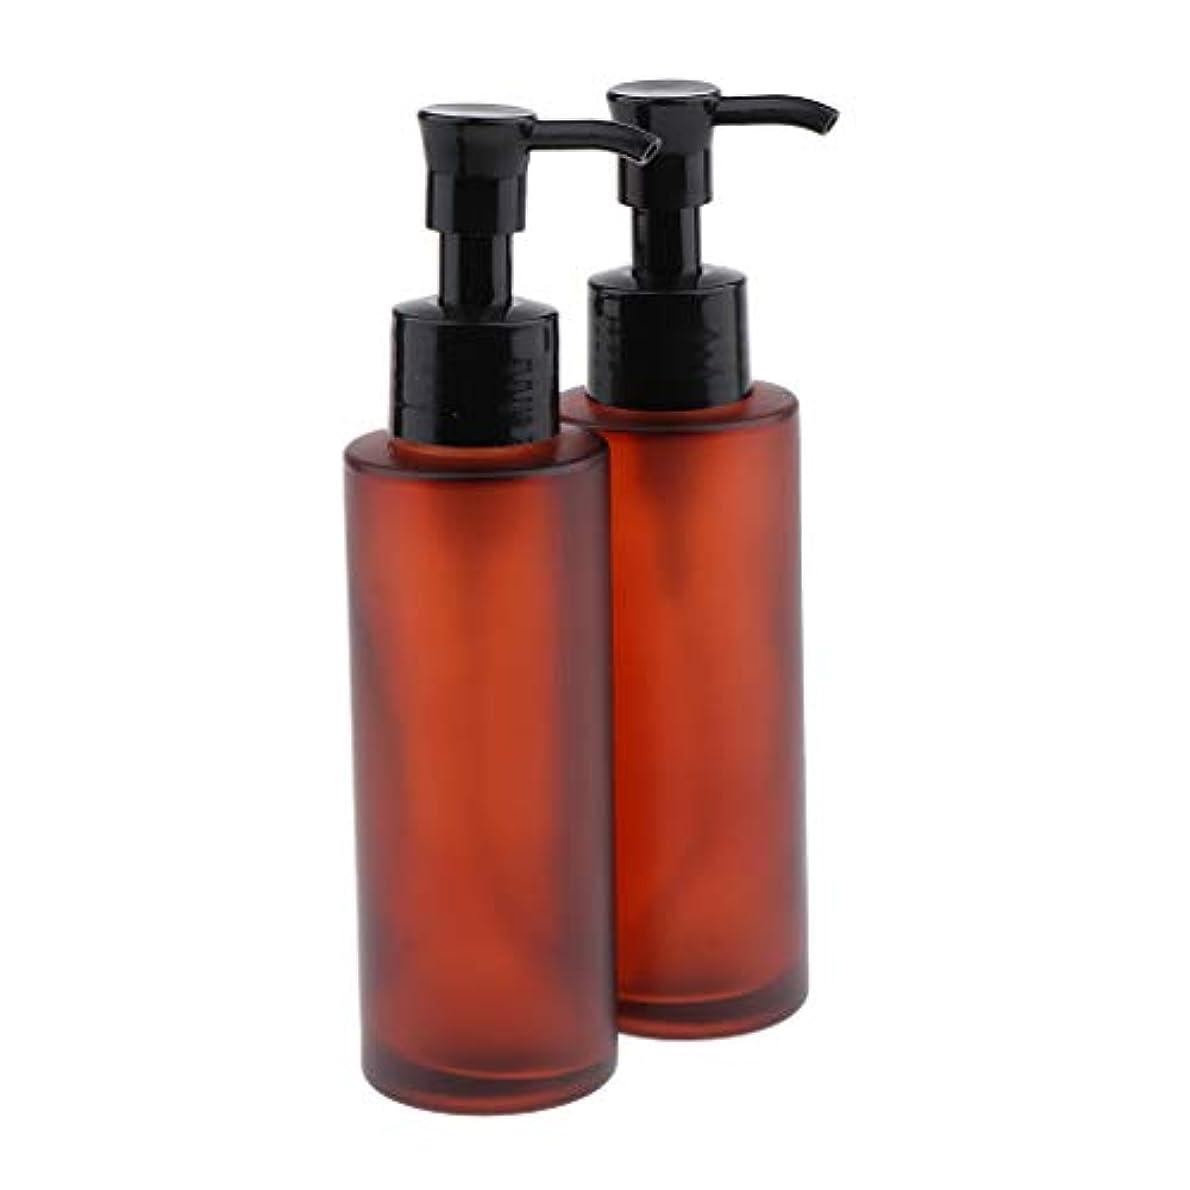 マスク種類カフェテリア2本 スプレーポンプボトル 化粧品 ローション ガラスボトル 小分け容器 2サイズ選べ - 100ml